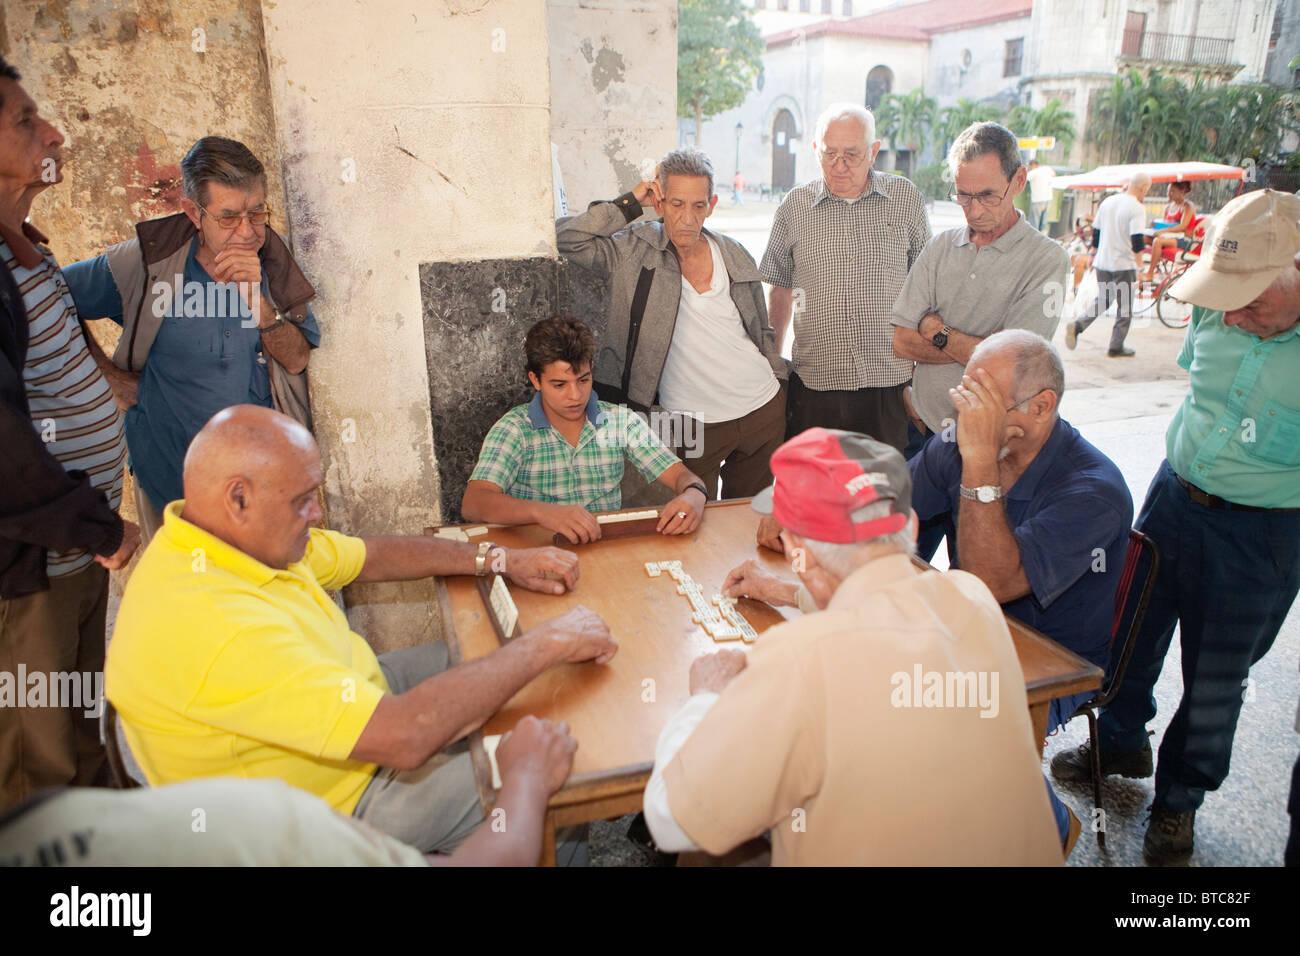 HABANA VIEJA: LOCALS PLAYING DOMINOES - Stock Image